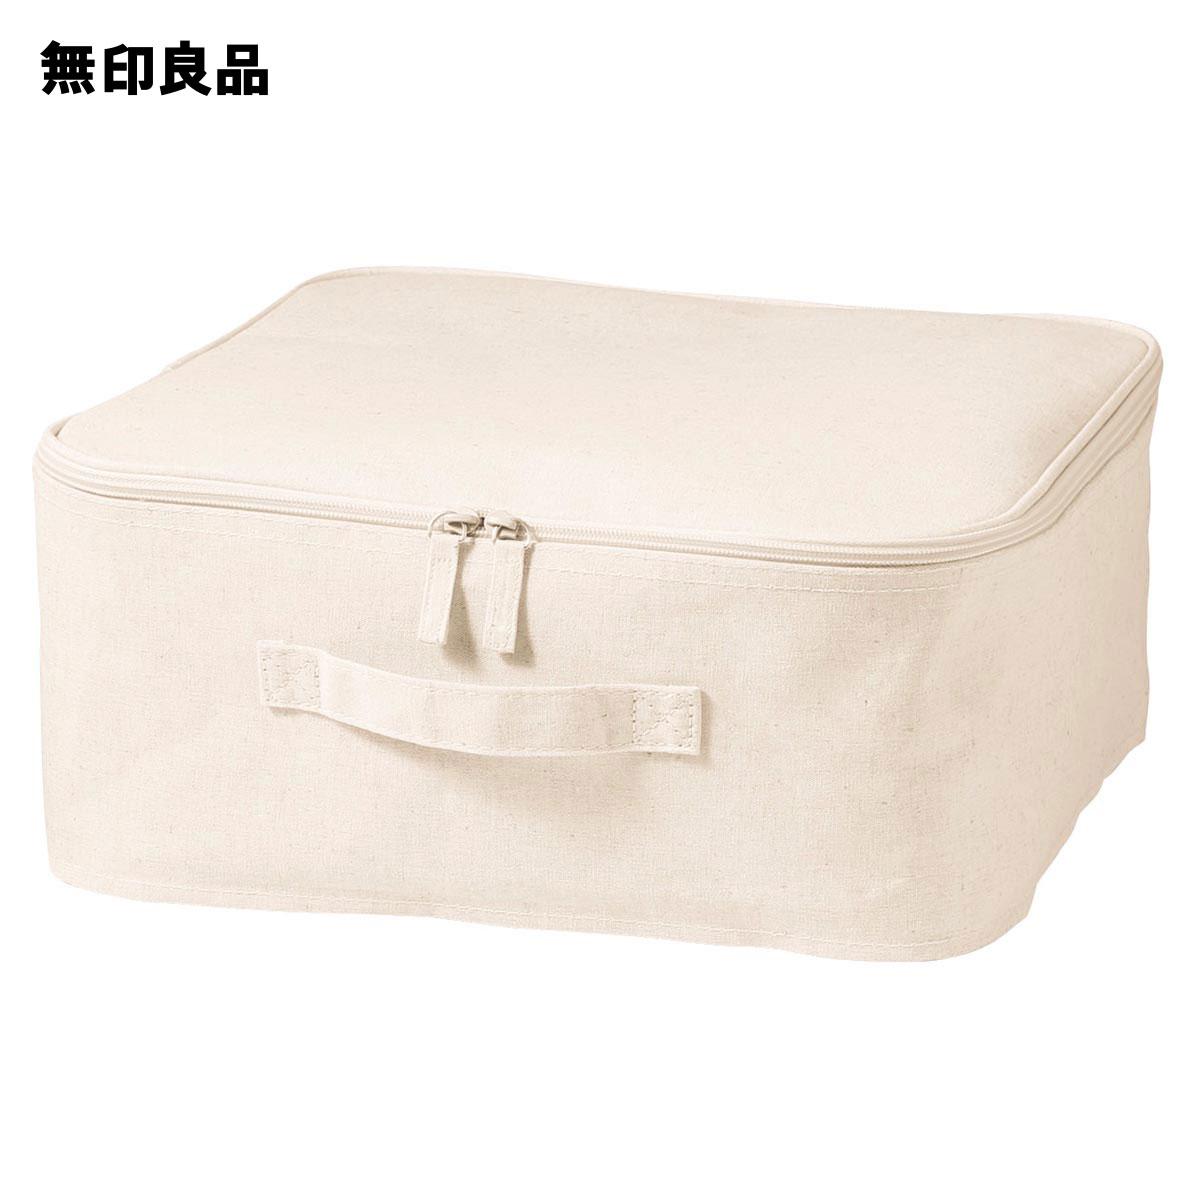 【無印良品 公式】 ポリエステル綿麻混・ソフトボックス・角型・小・フタ式